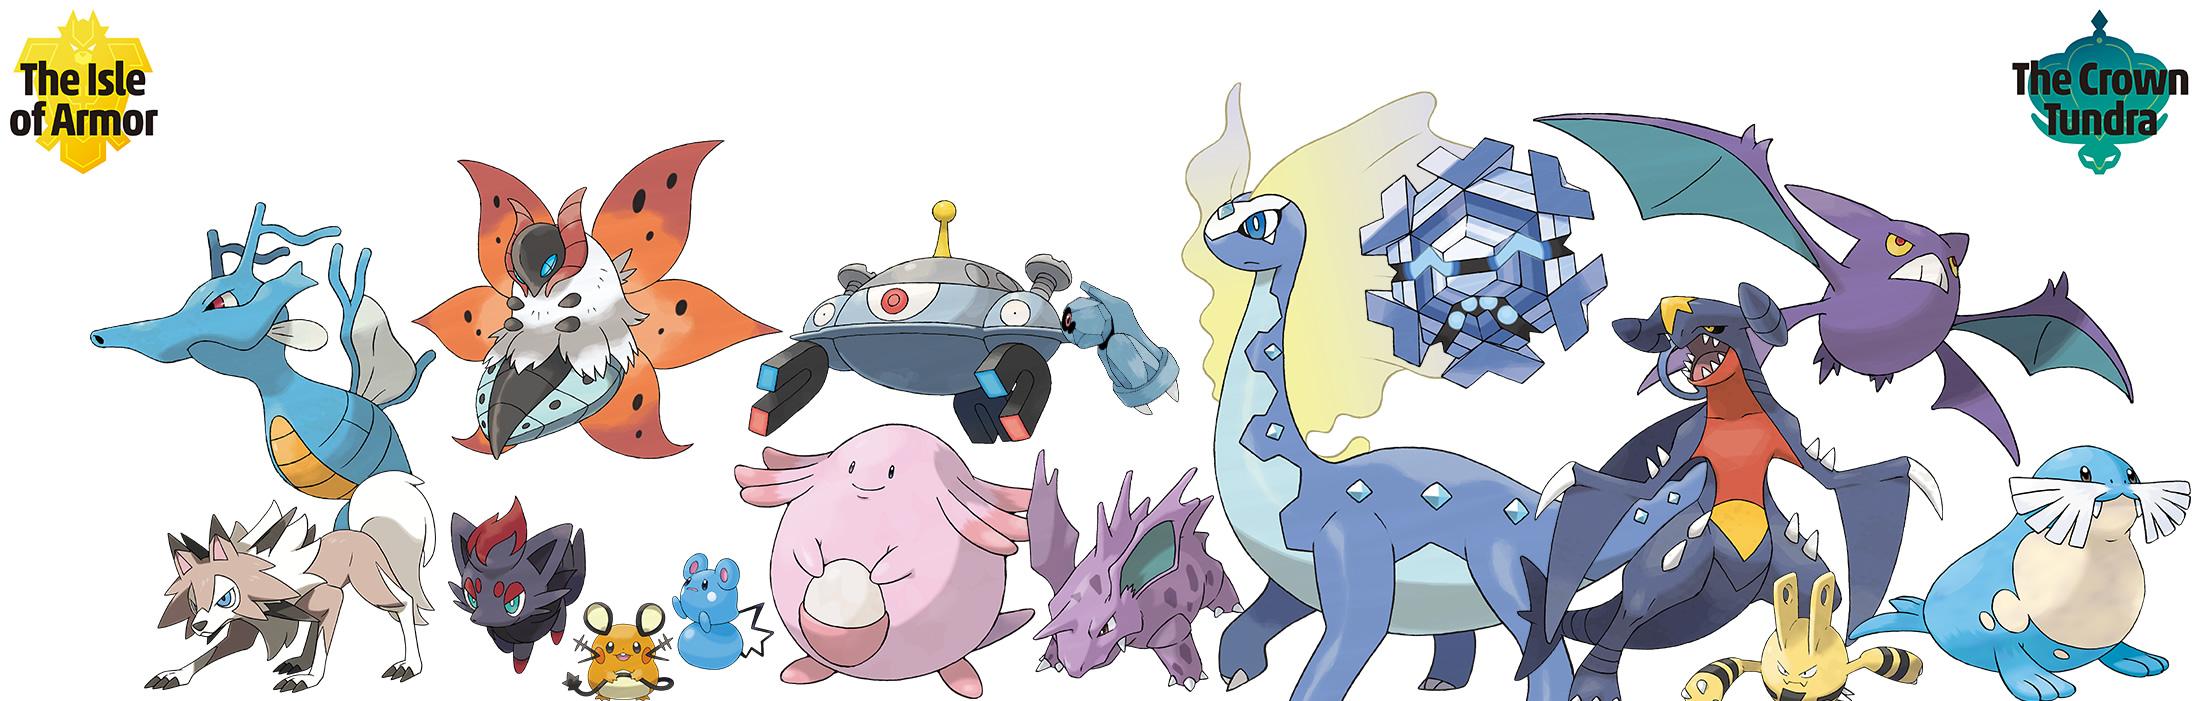 Pokemon Sword & DLC Shield Список на повратни Pokemon: секој национален dex Одг што се враќа во експанзија 2